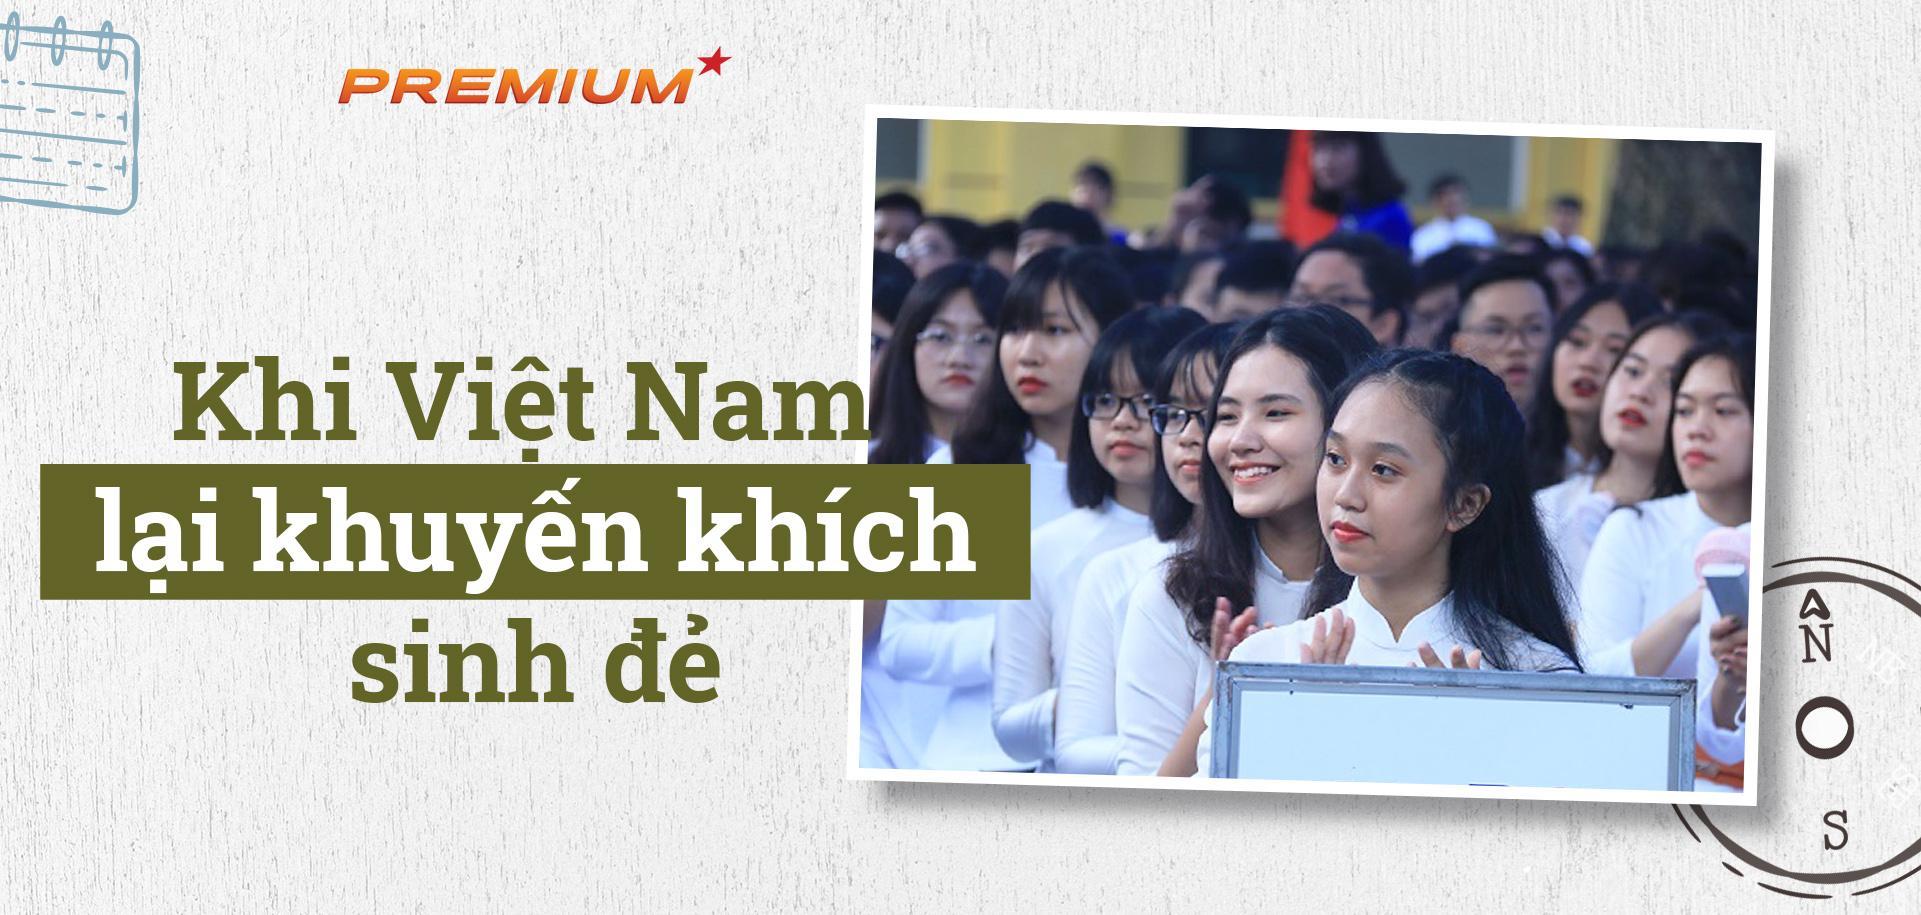 Khi Việt Nam lại khuyến khích sinh đẻ